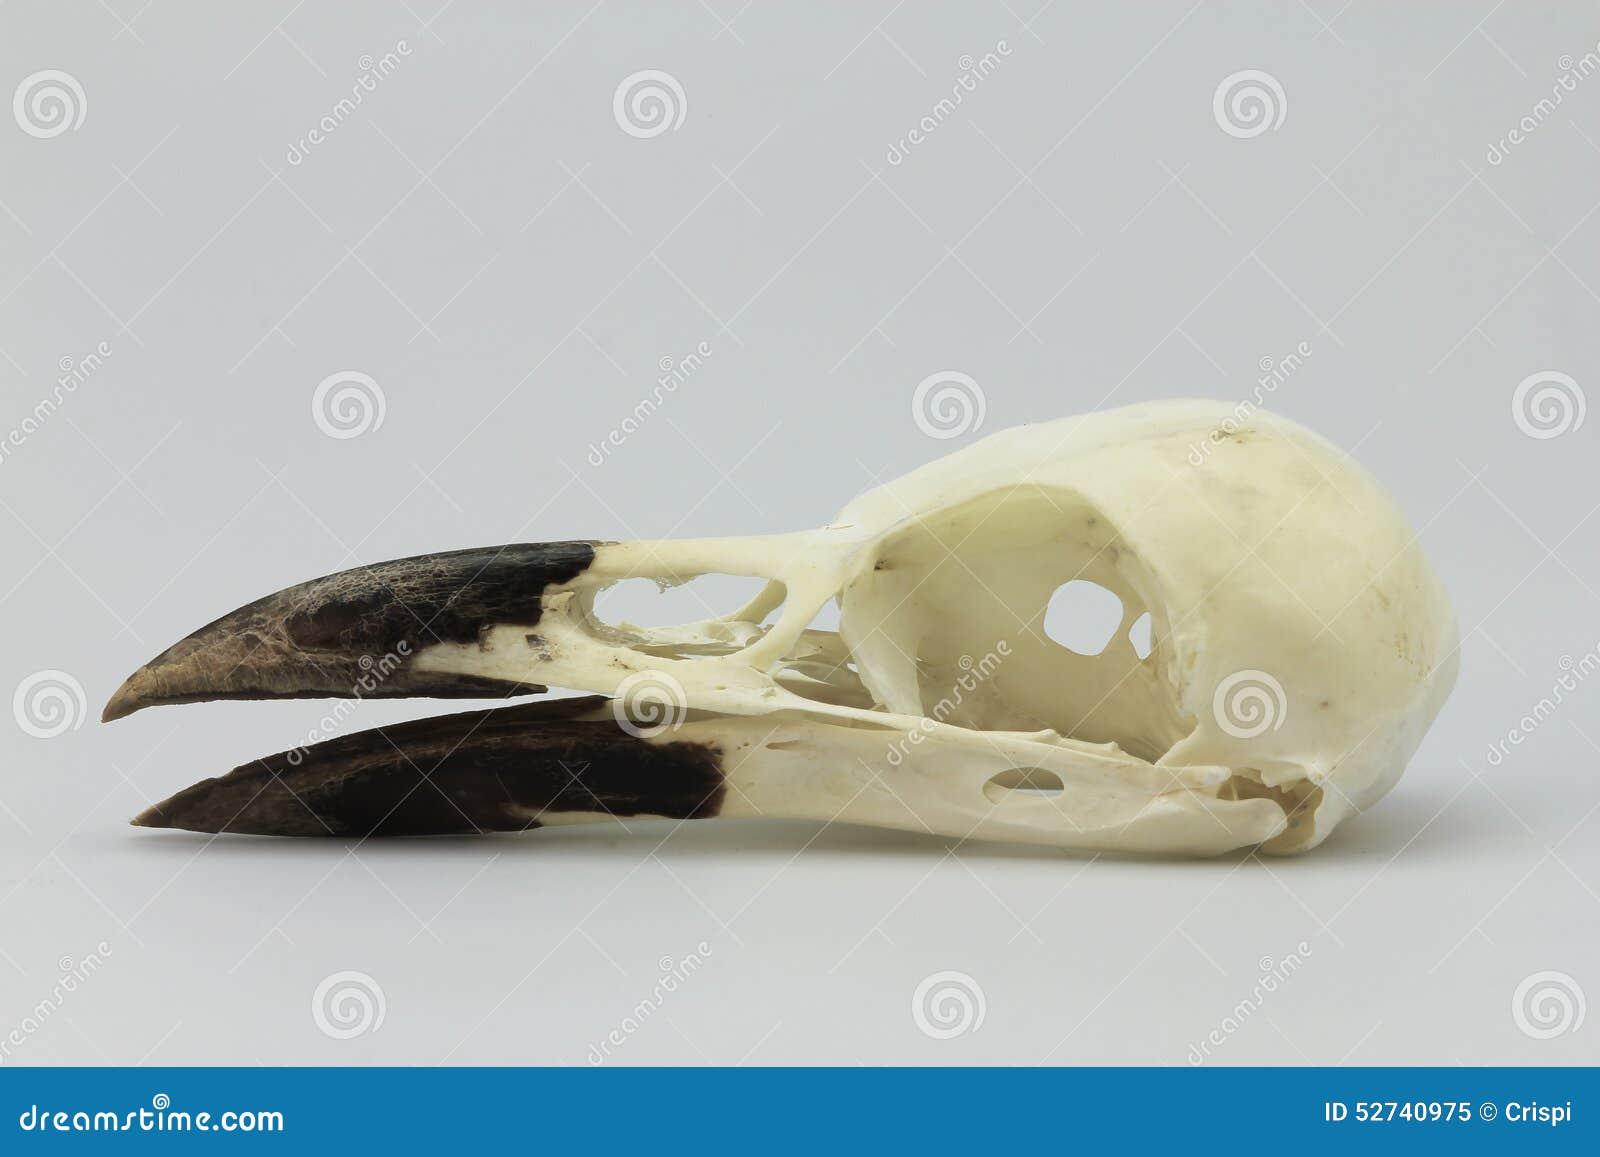 Cráneo del cuervo imagen de archivo. Imagen de pico, cráneo - 52740975